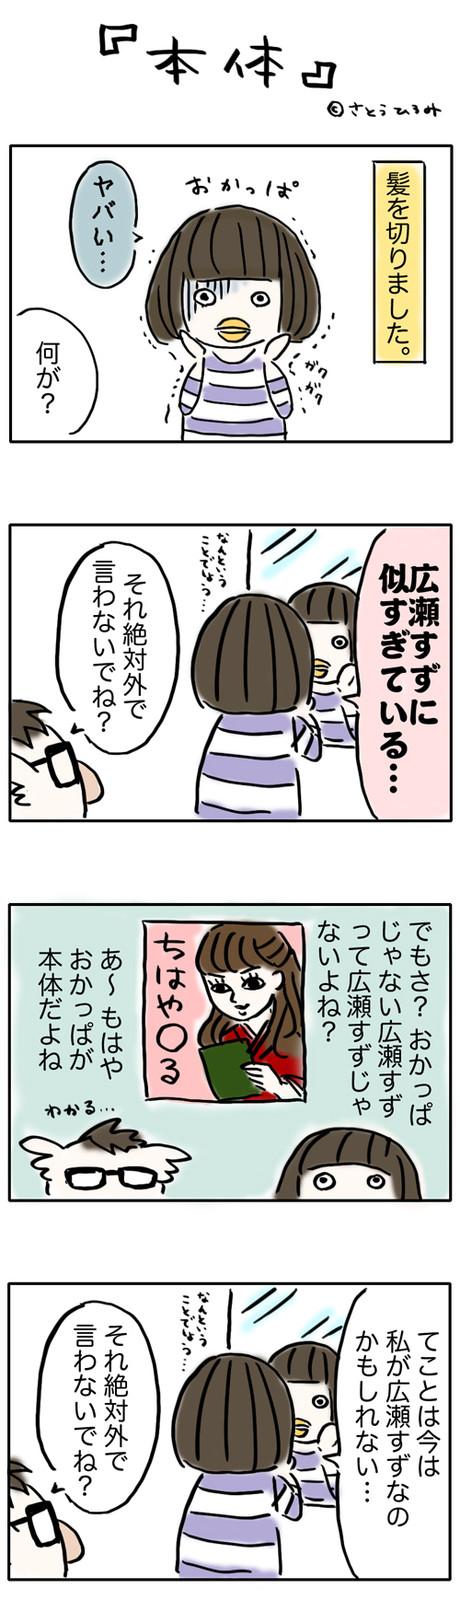 160608_hontai2